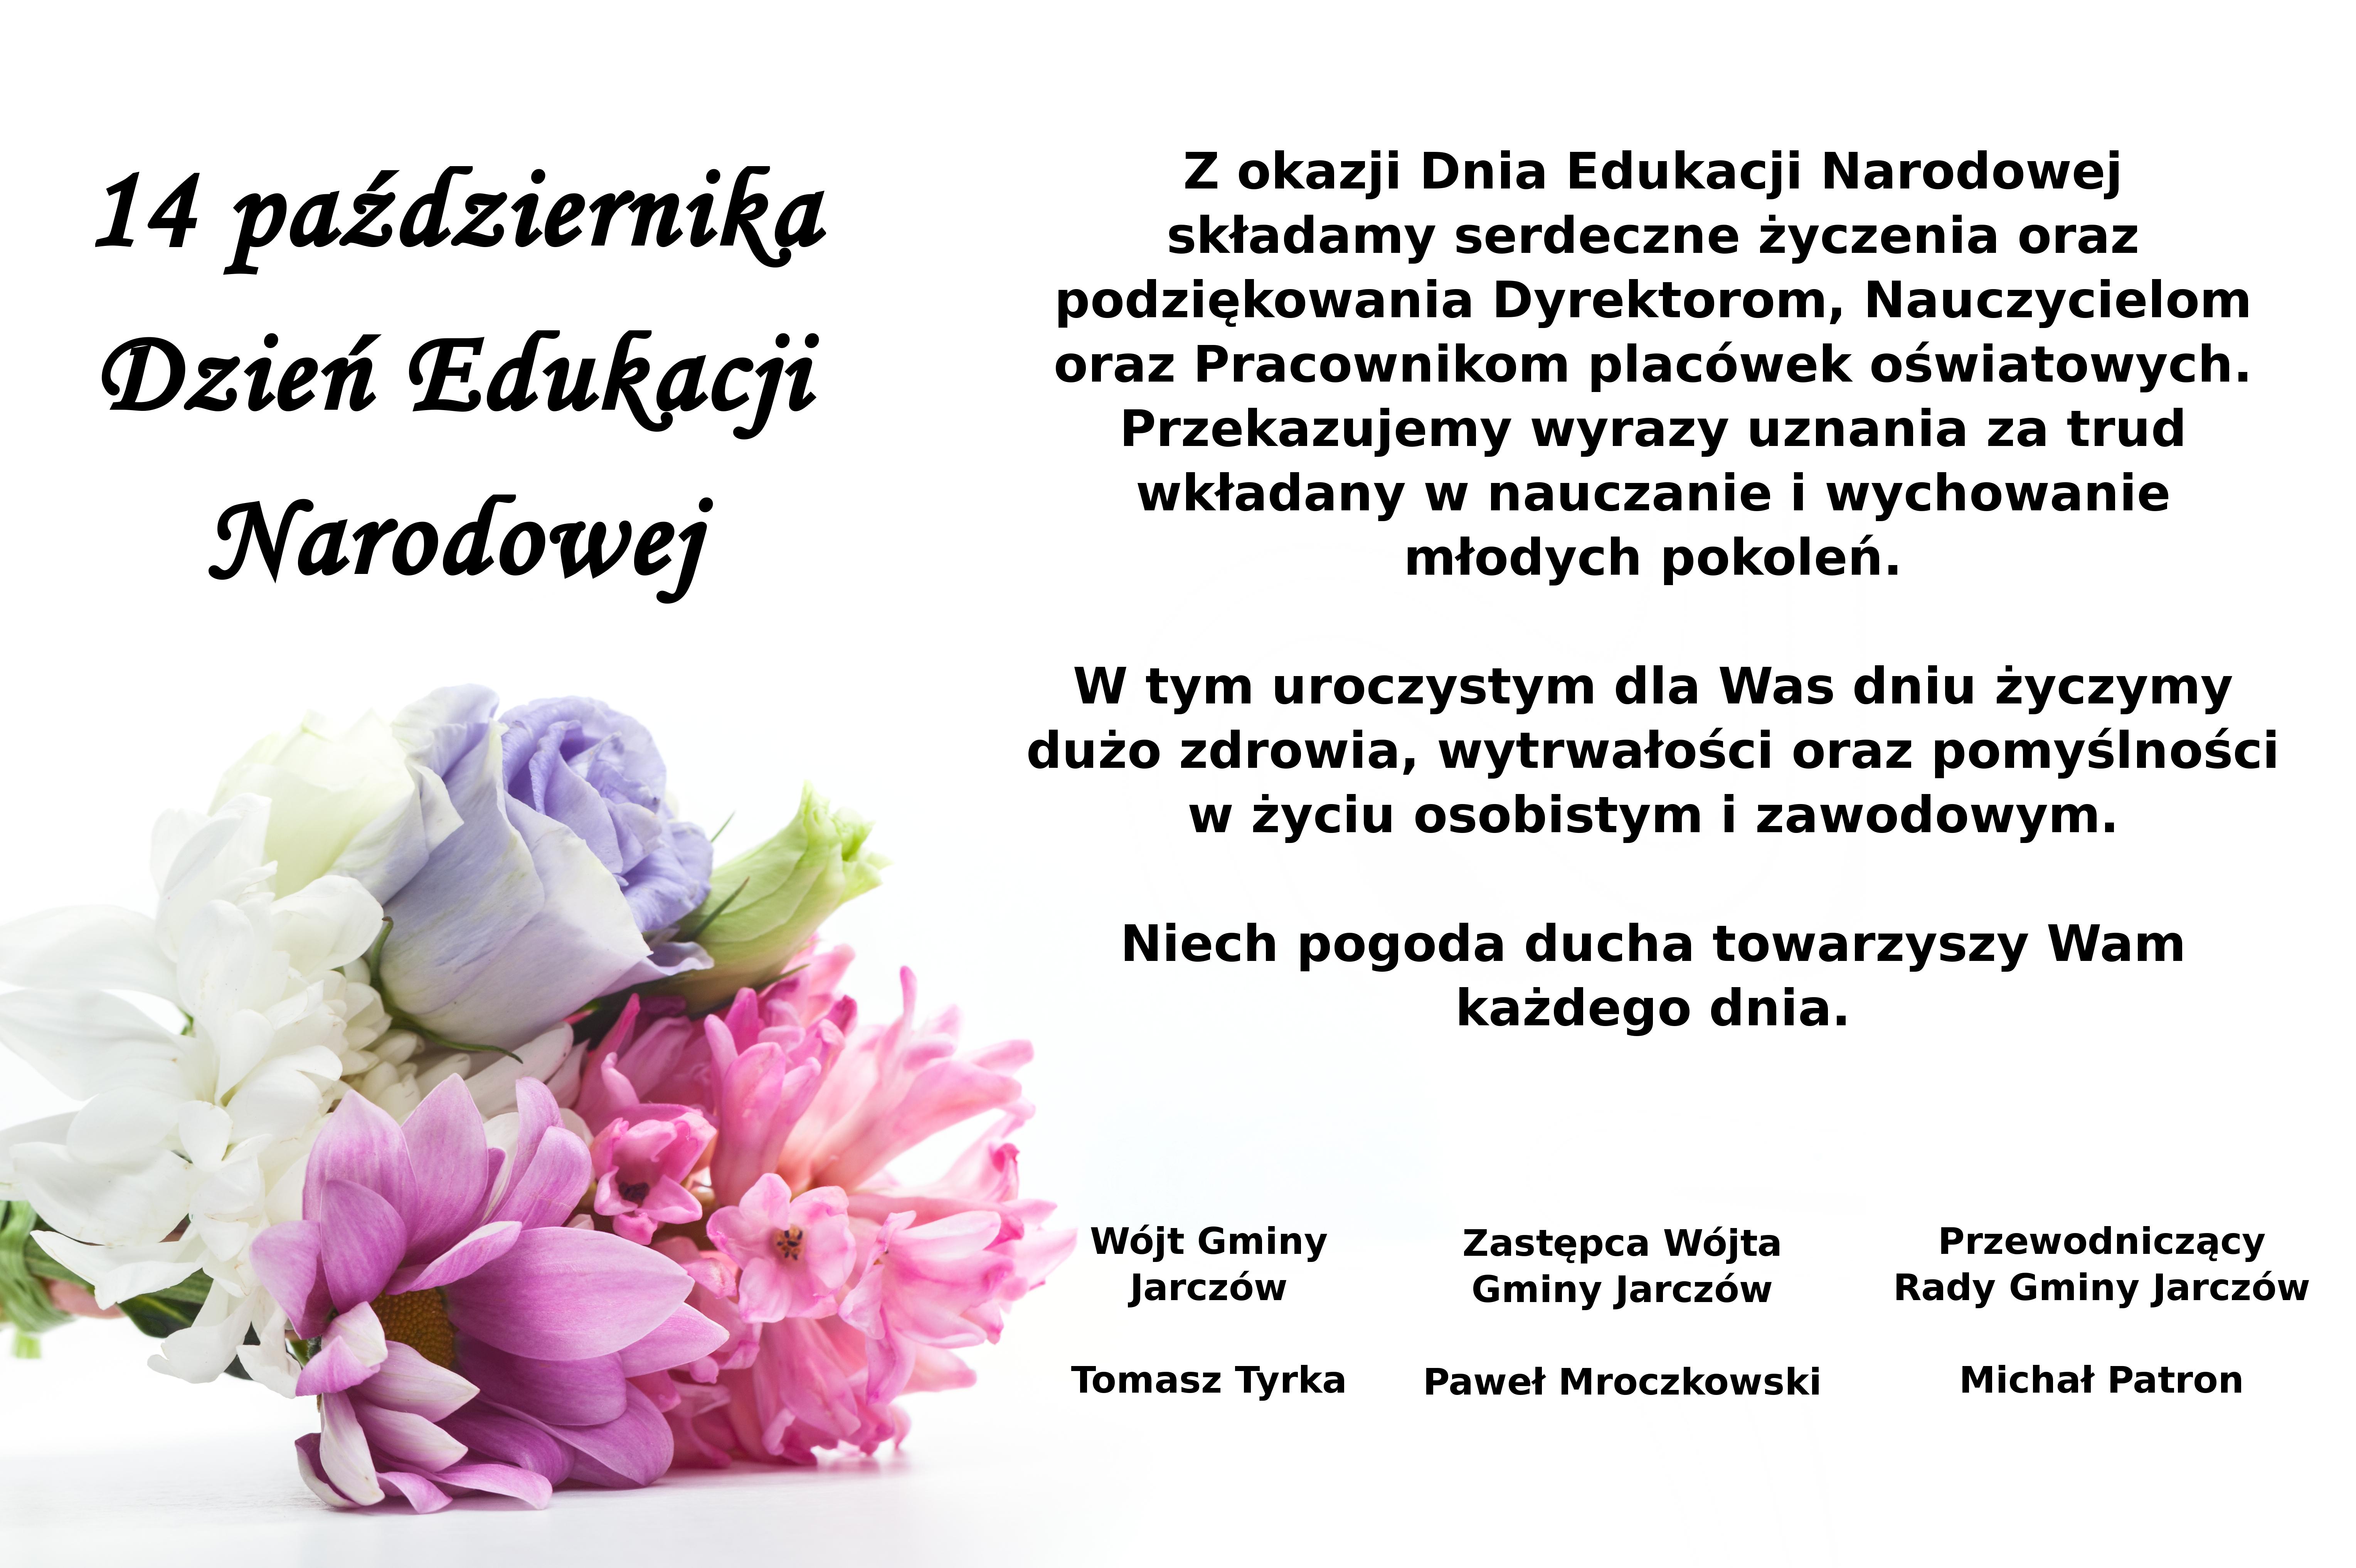 14 października Dzień Edukacji Narodowej Z okazji Dnia Edukacji Narodowej składamy serdeczne życzenia oraz podziękowania Dyrektorom, Nauczycielom oraz Pracownikom placówek oświatowych. Przekazujemy wyrazy uznania za trud wkładany w nauczanie i wychowanie młodych pokoleń. W tym uroczystym dla Was dniu życzymy dużo zdrowia, wytrwałości oraz pomyślności w życiu osobistym i zawodowym. Niech pogoda ducha towarzyszy Wam każdego dnia.